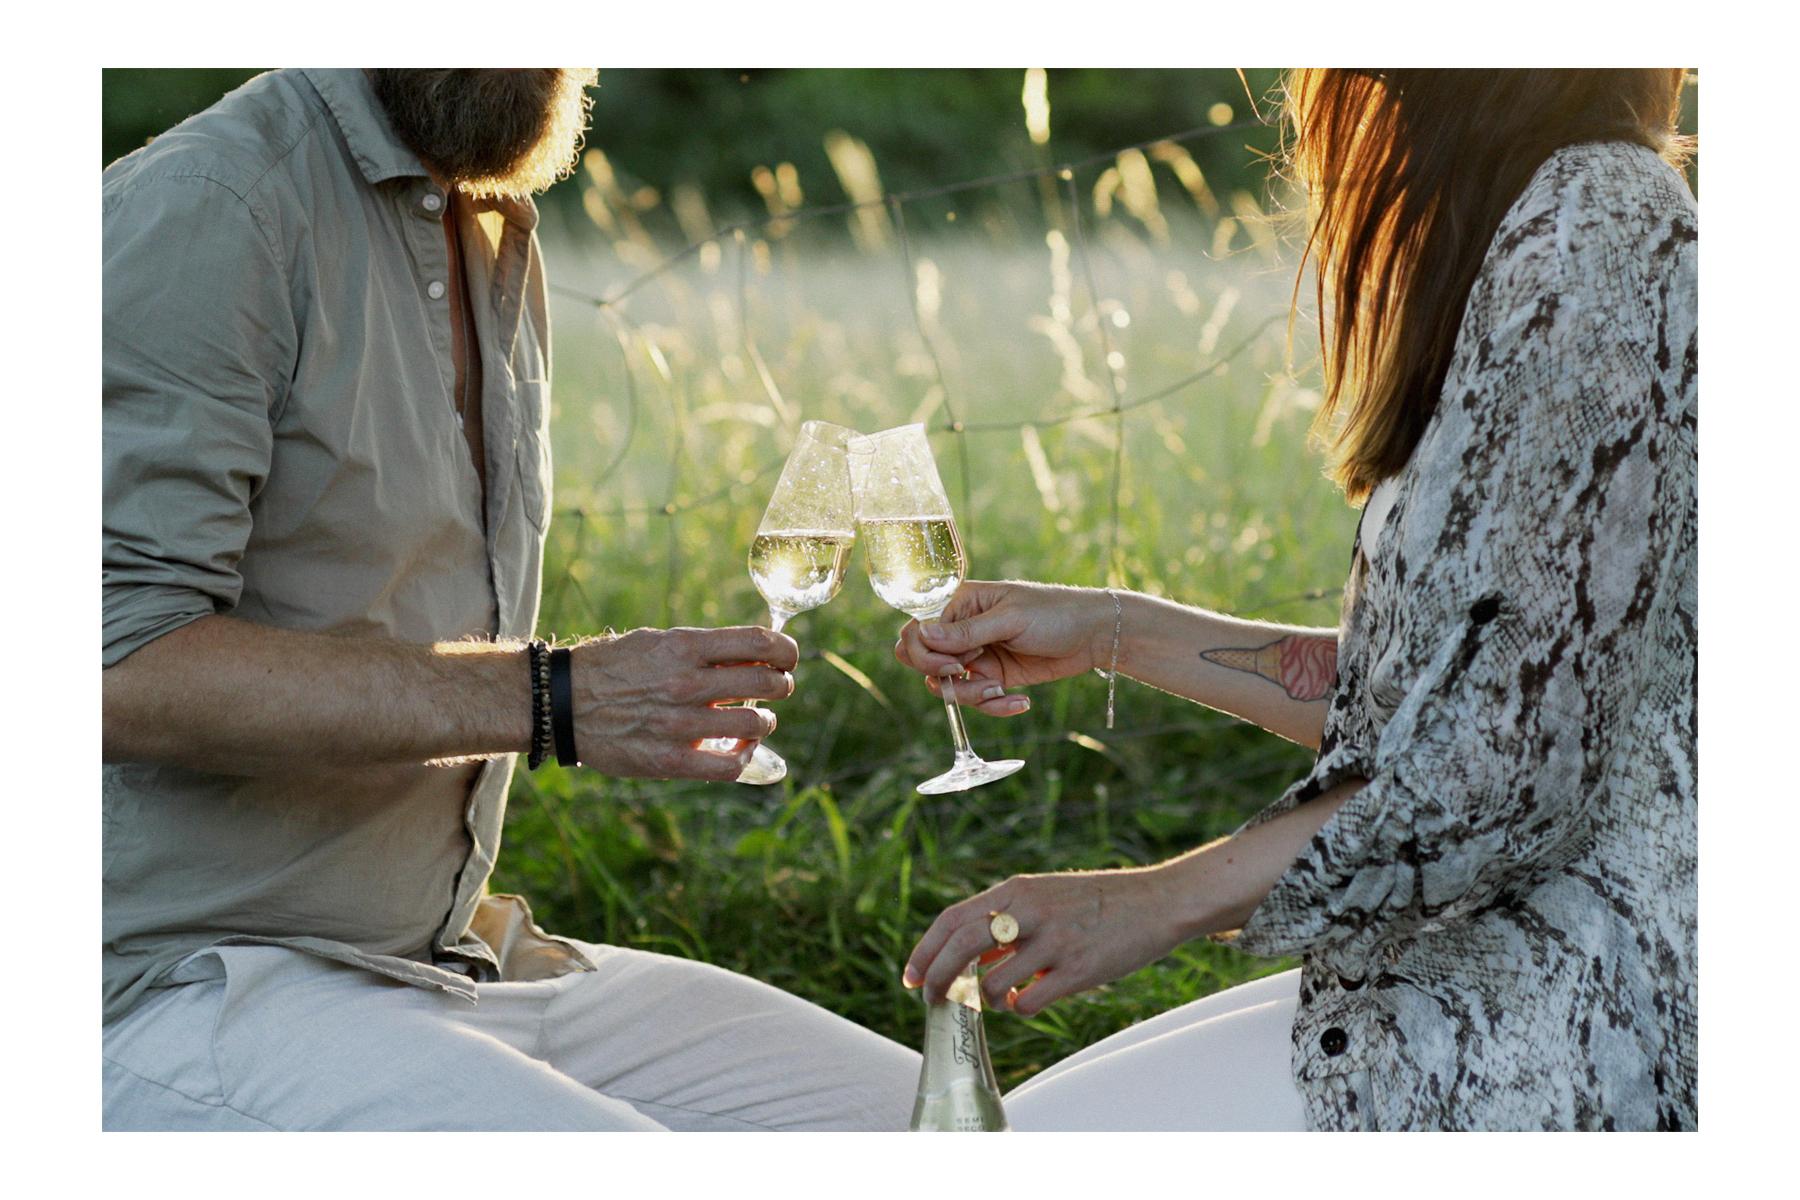 freixenet sommer auf euch frauen picnic couple lovers sunset cava schaumwein hochsommer modeblog modeblogger styleblog fashionbloggers catsanddogsblog max bechmann ricarda schernus düsseldorf 1